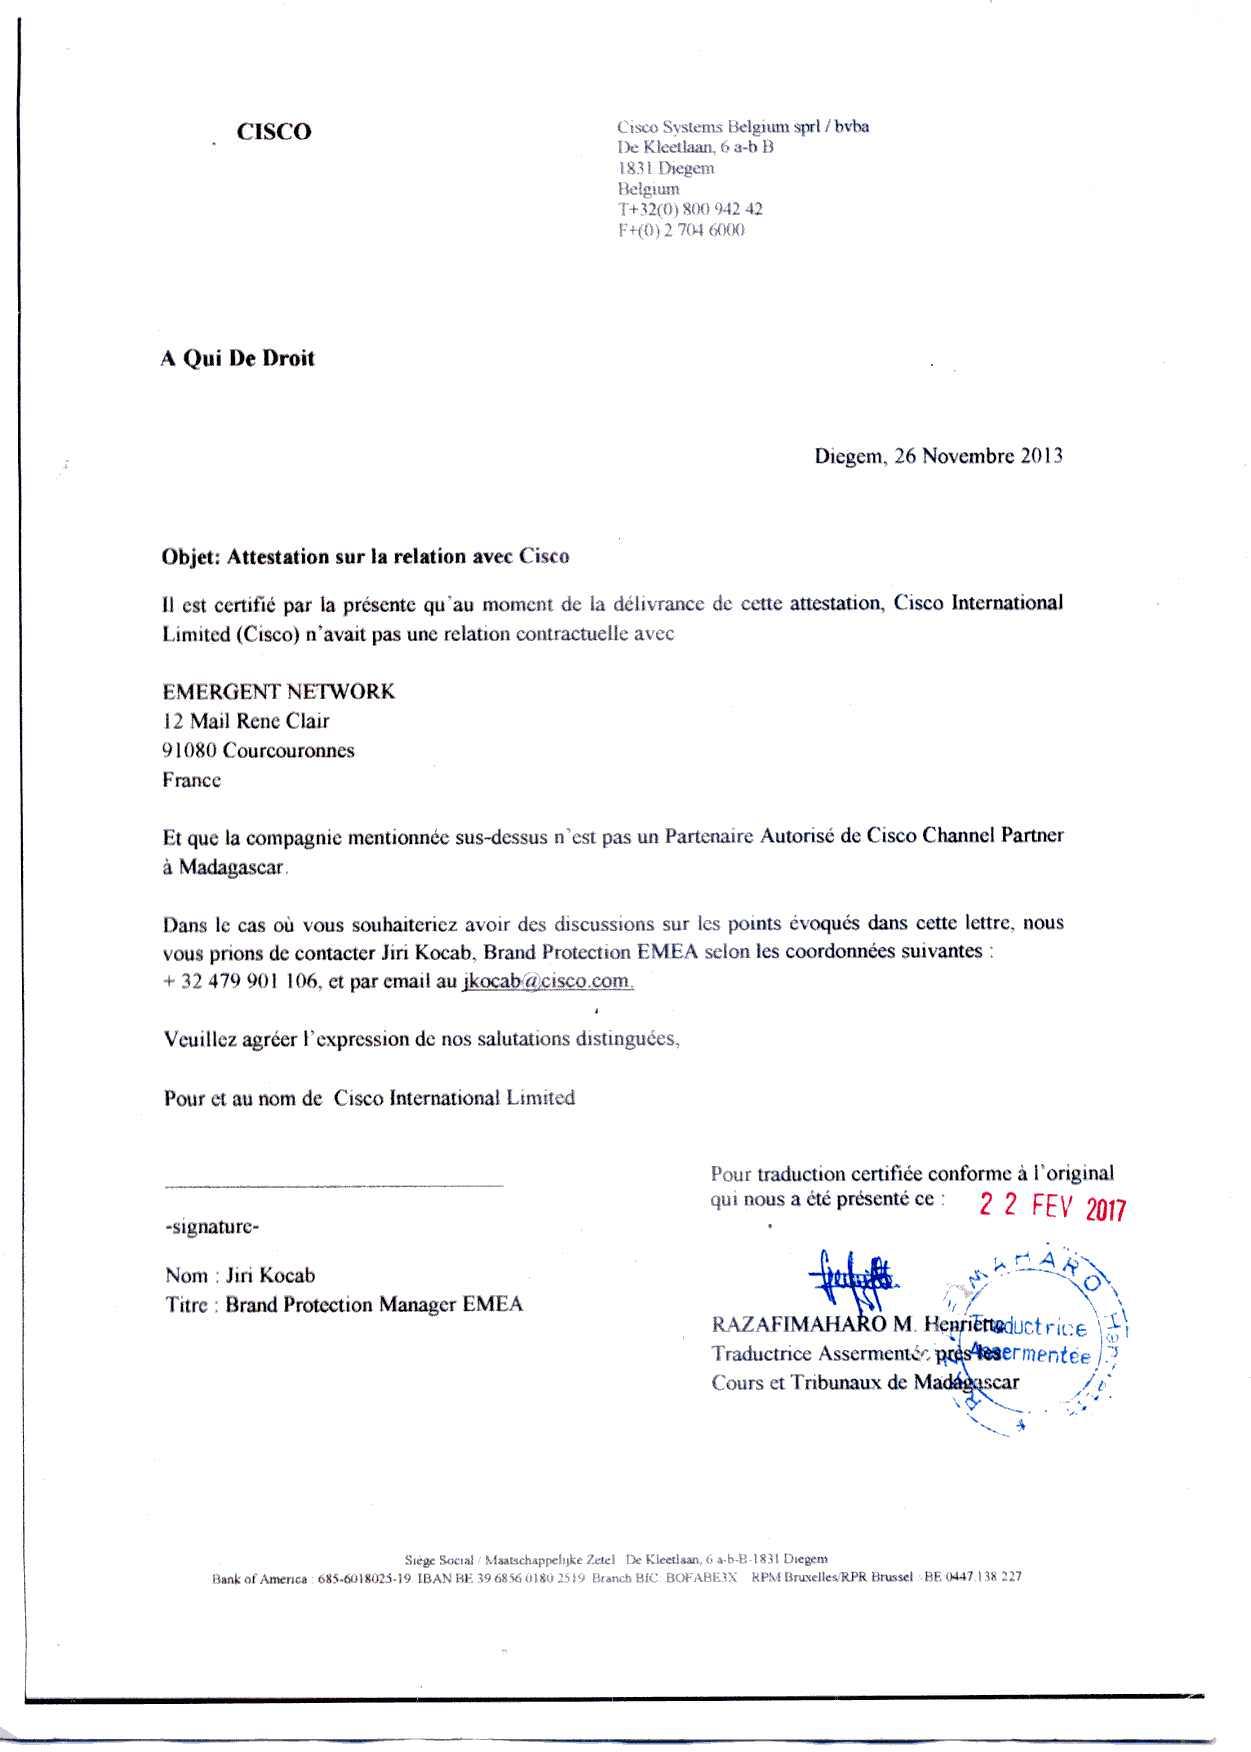 attestation cisco du 26 novembre 2013 traduite par RAZAFIMAHARO - RANARISON Tsilavo a dit au grossiste CISCO de facturer EMERGENT la maison mère de CONNECTIC pour les achats de produits CISCO de CONNECTIC.